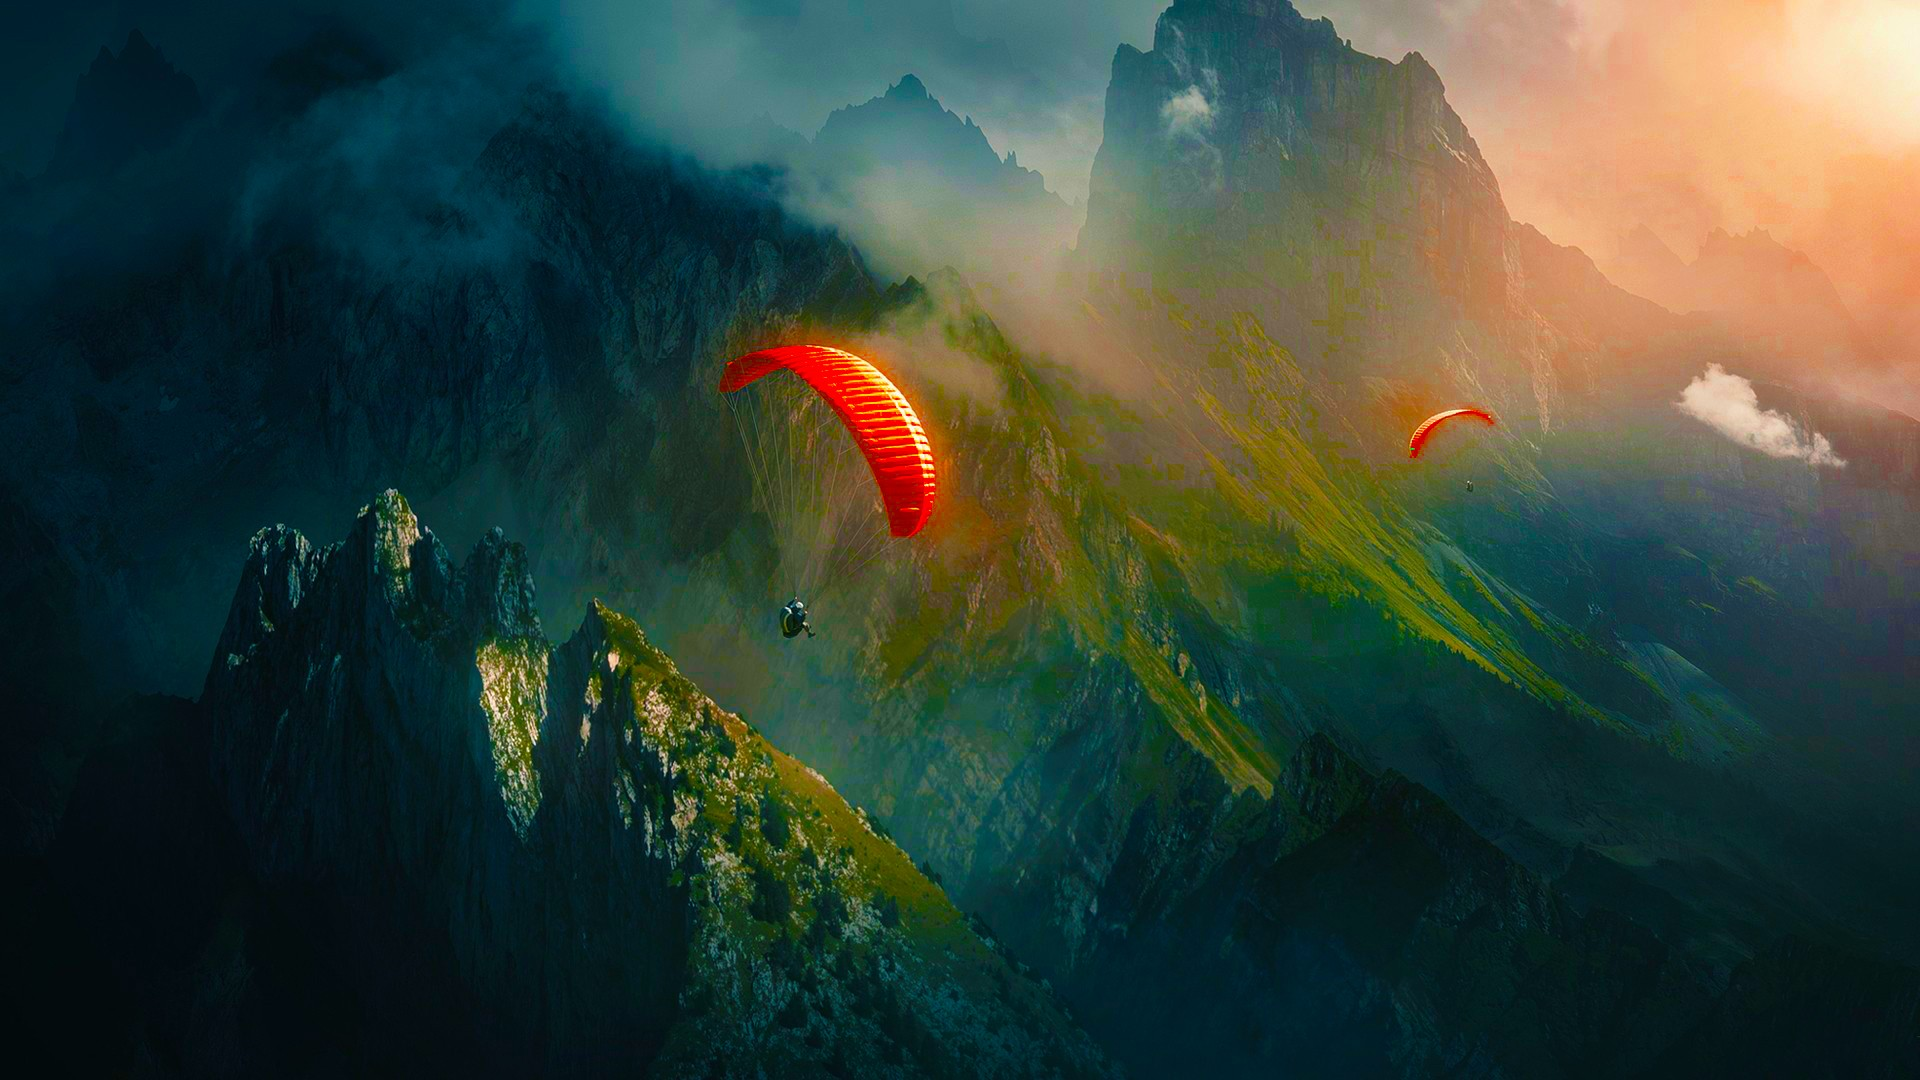 Skydive Art Wallpaper